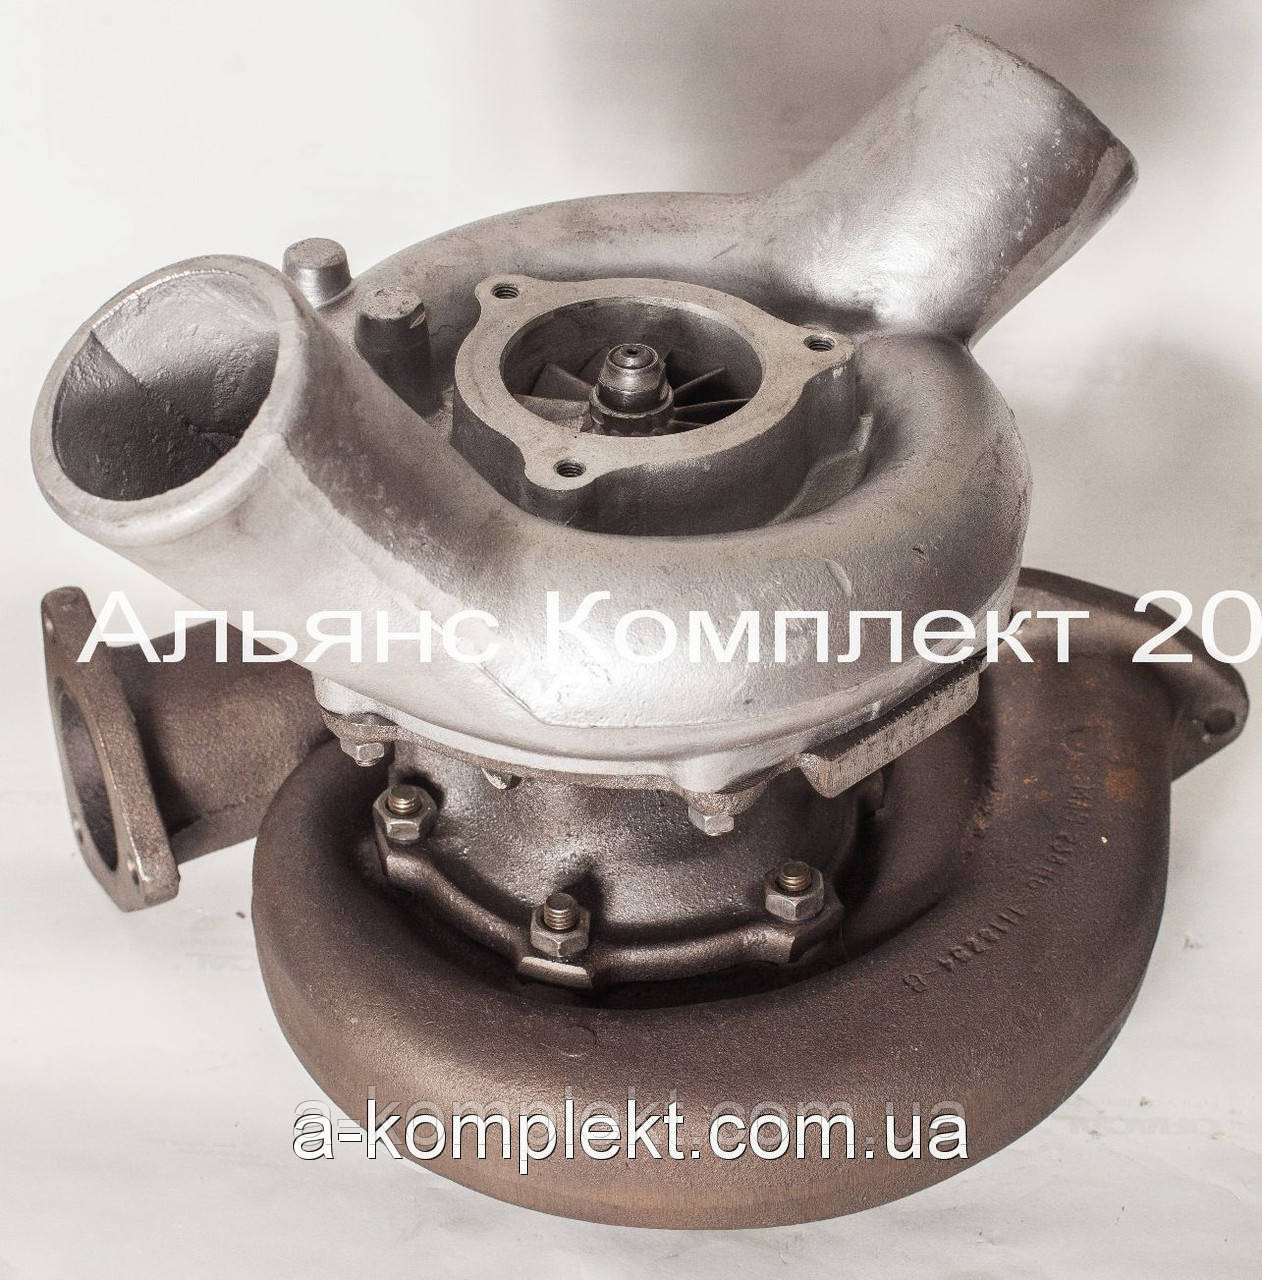 Турбокомпрессор ТКР 9-10 правый (120.000.000-10/ 12.1118010-10)